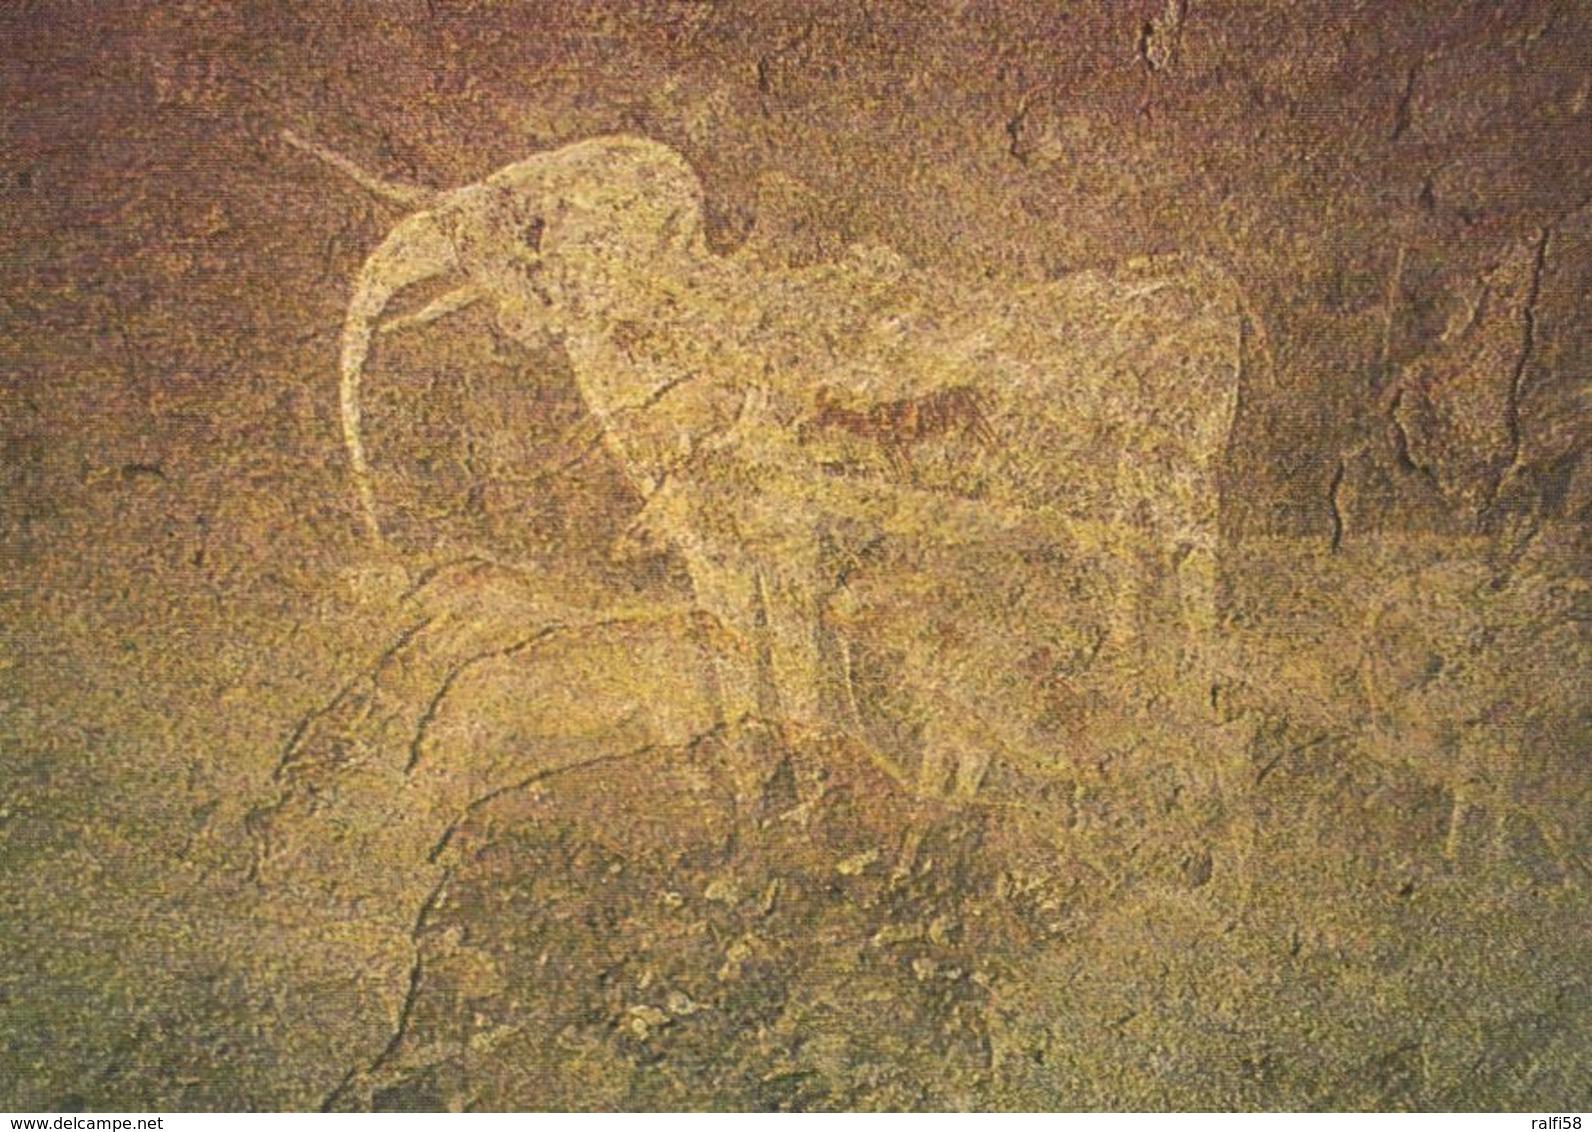 1 AK Namibia * Der Weiße Elefant In Der Phillips-Höhle (Phillips Cave) Felsmalerei Im Erongogebirge Ca. 5000 Jahre Alt - Namibie